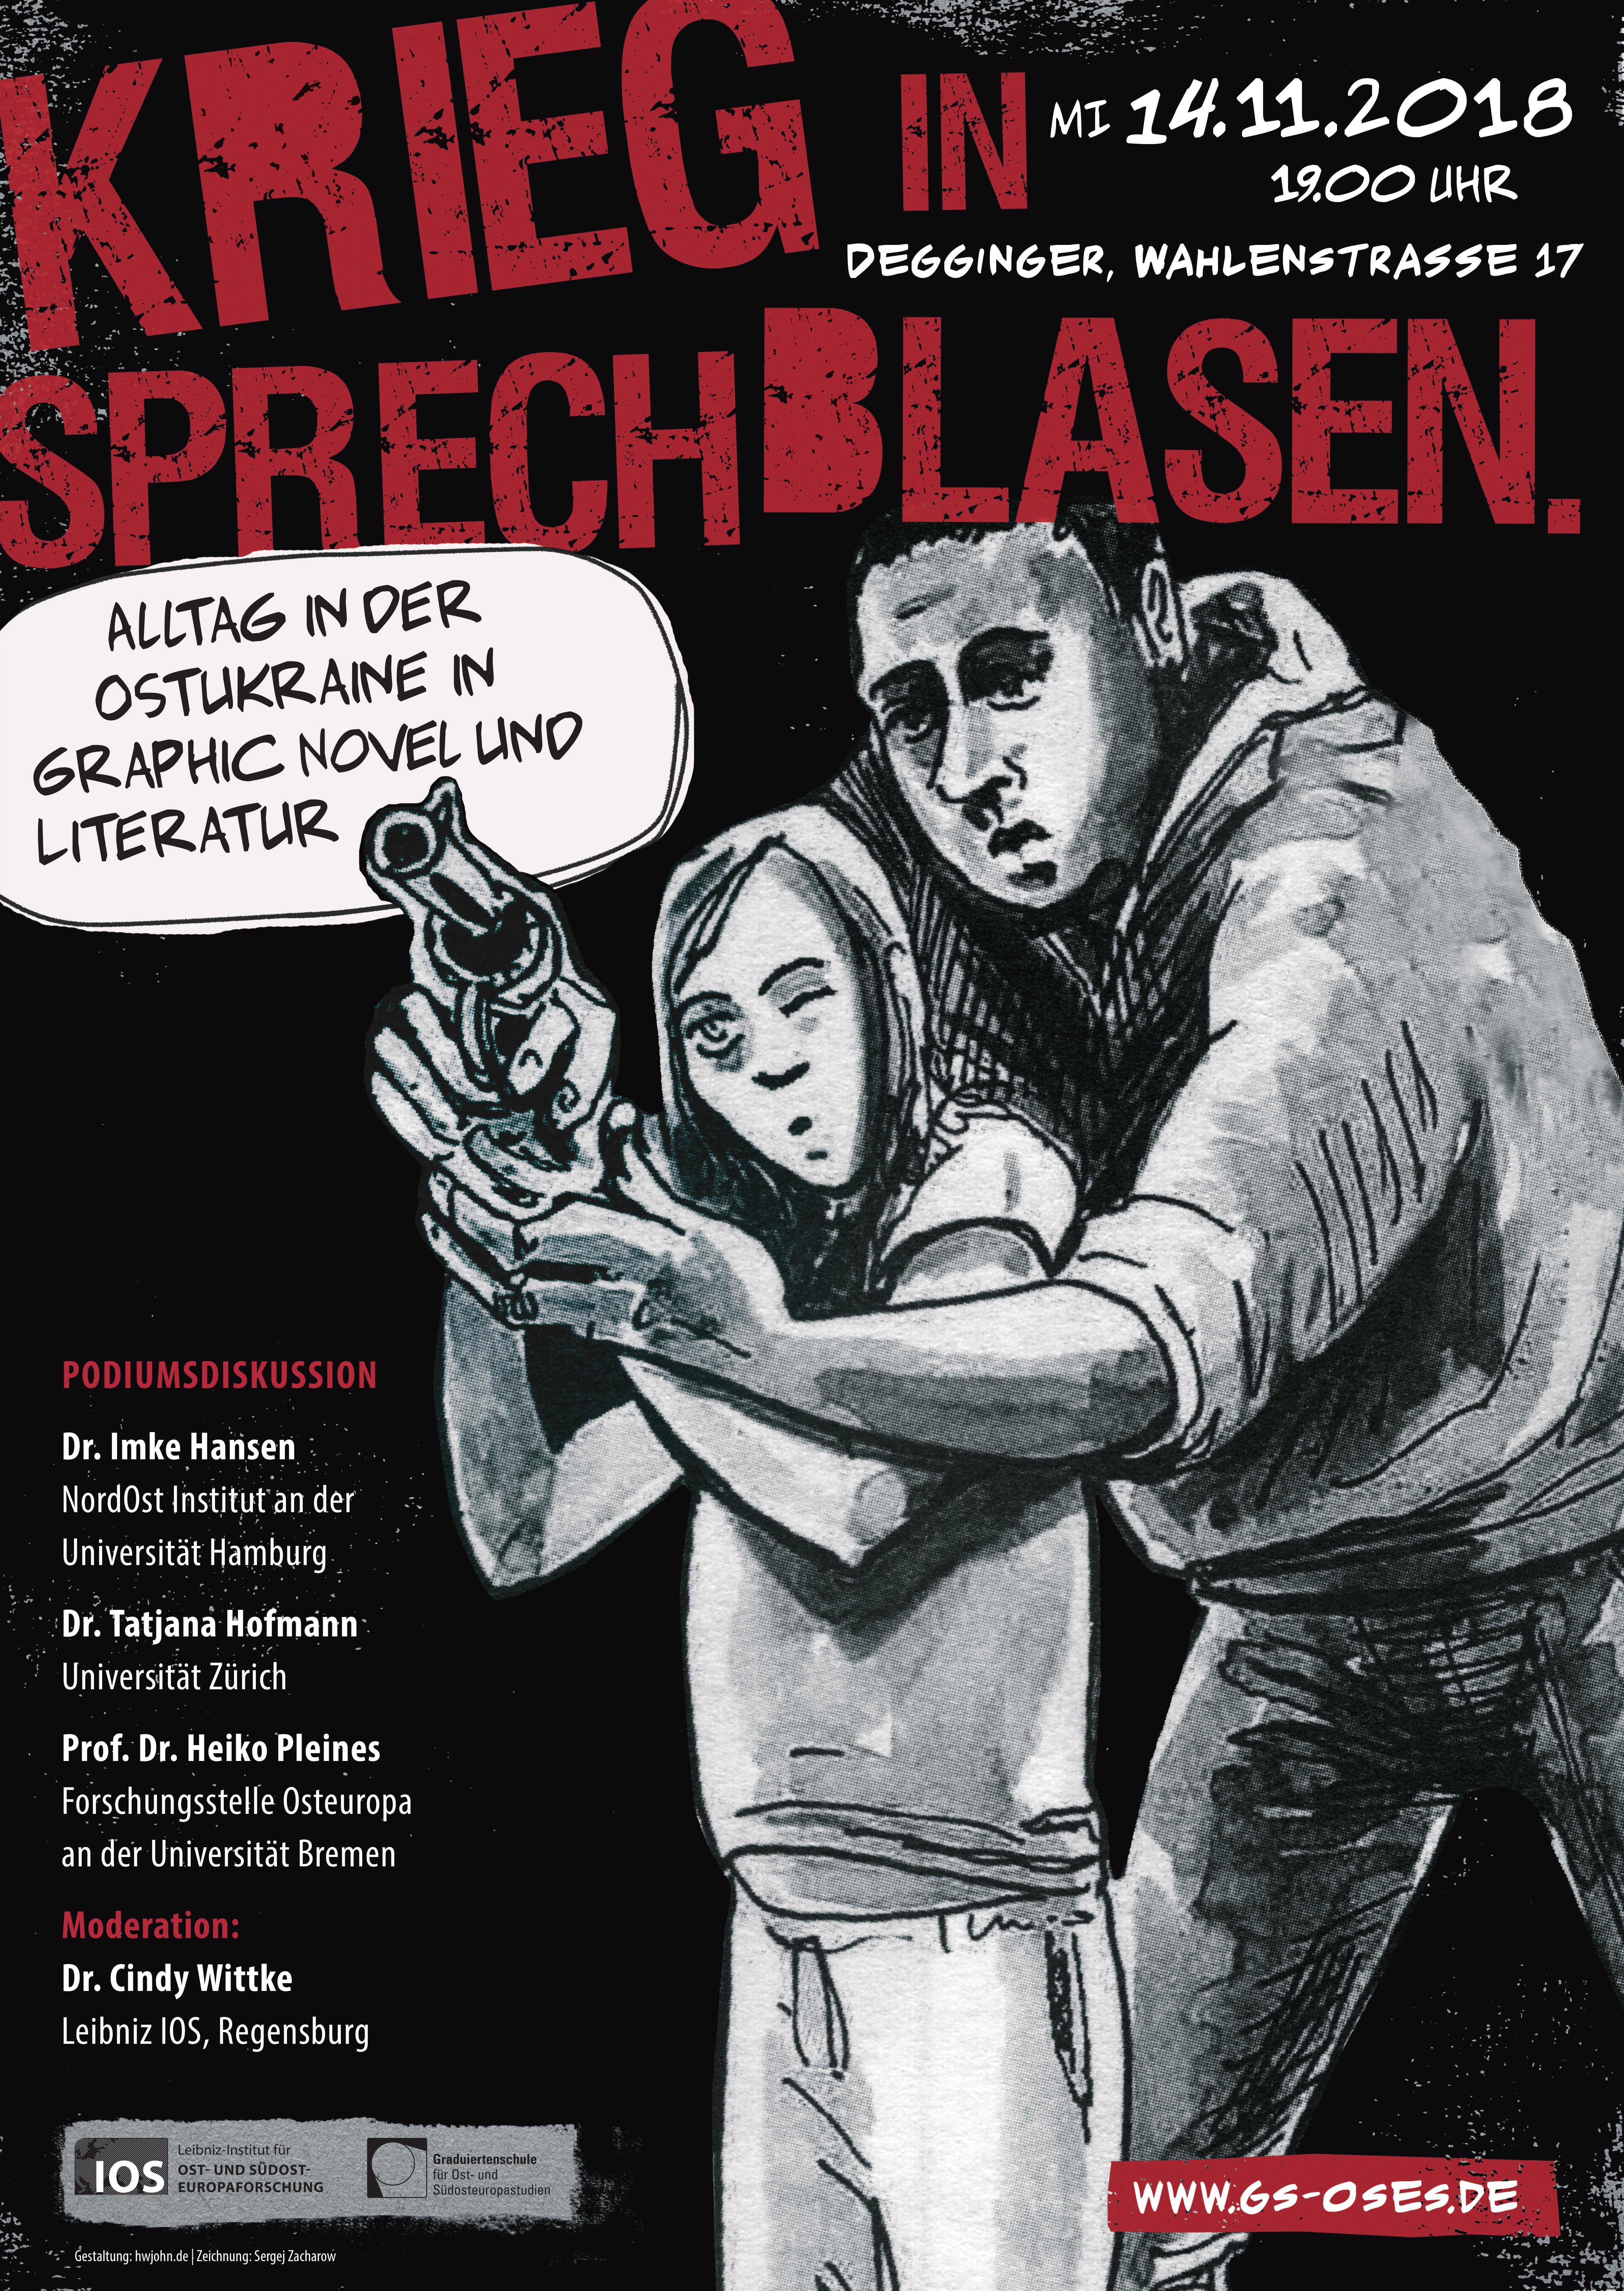 """Plakat zur Veranstaltung """"Krieg in Sprechblasen"""""""